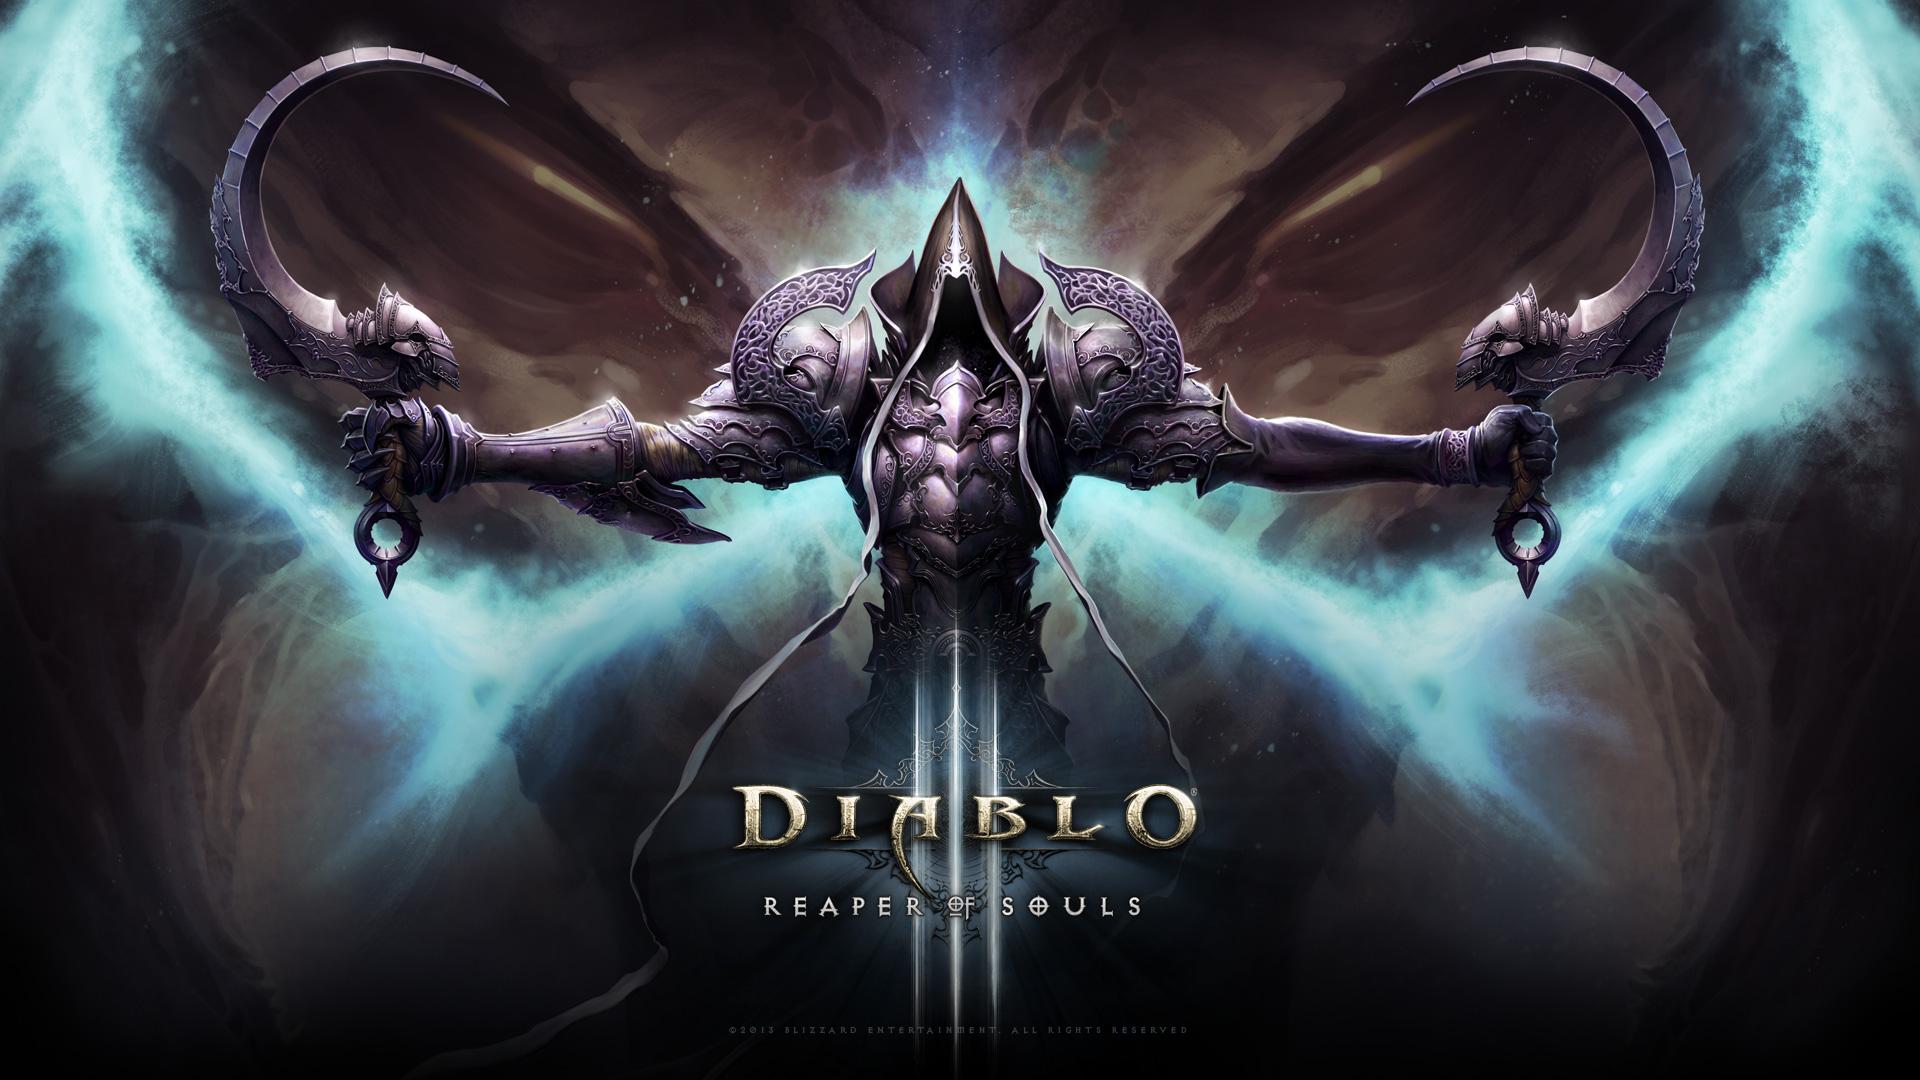 Premiile pentru sezonul 6 al Diablo III